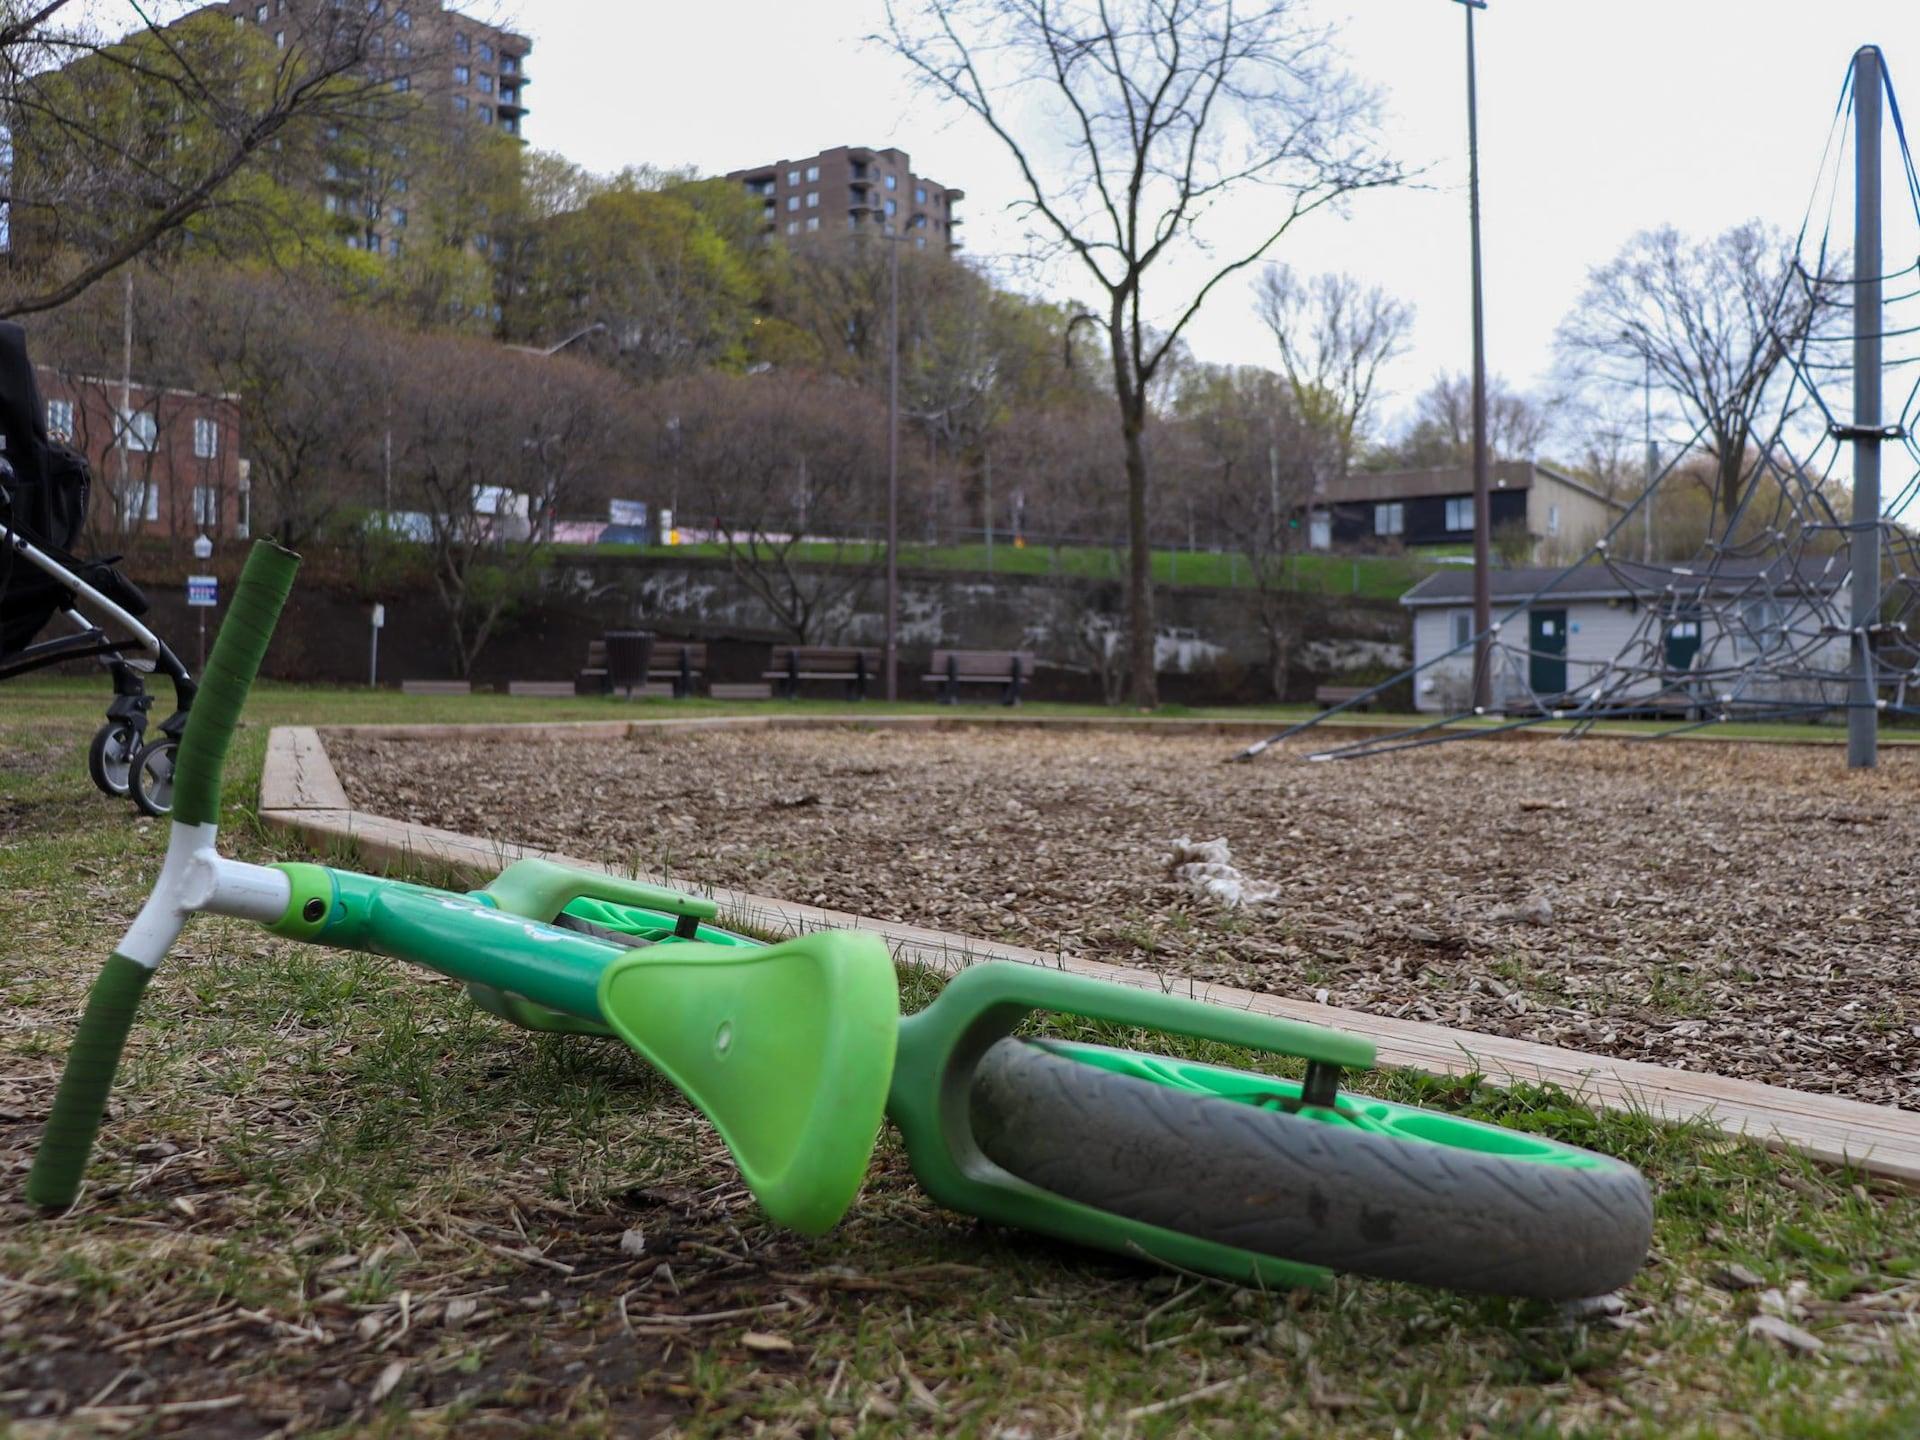 Un vélo abandonné le long d'une aire de jeu, dans un parc. L'endroit est désert et la journée nuageuse. On ne voit aucun enfant à l'horizon. On voit aussi les roues d'une poussette stationnée à côté.